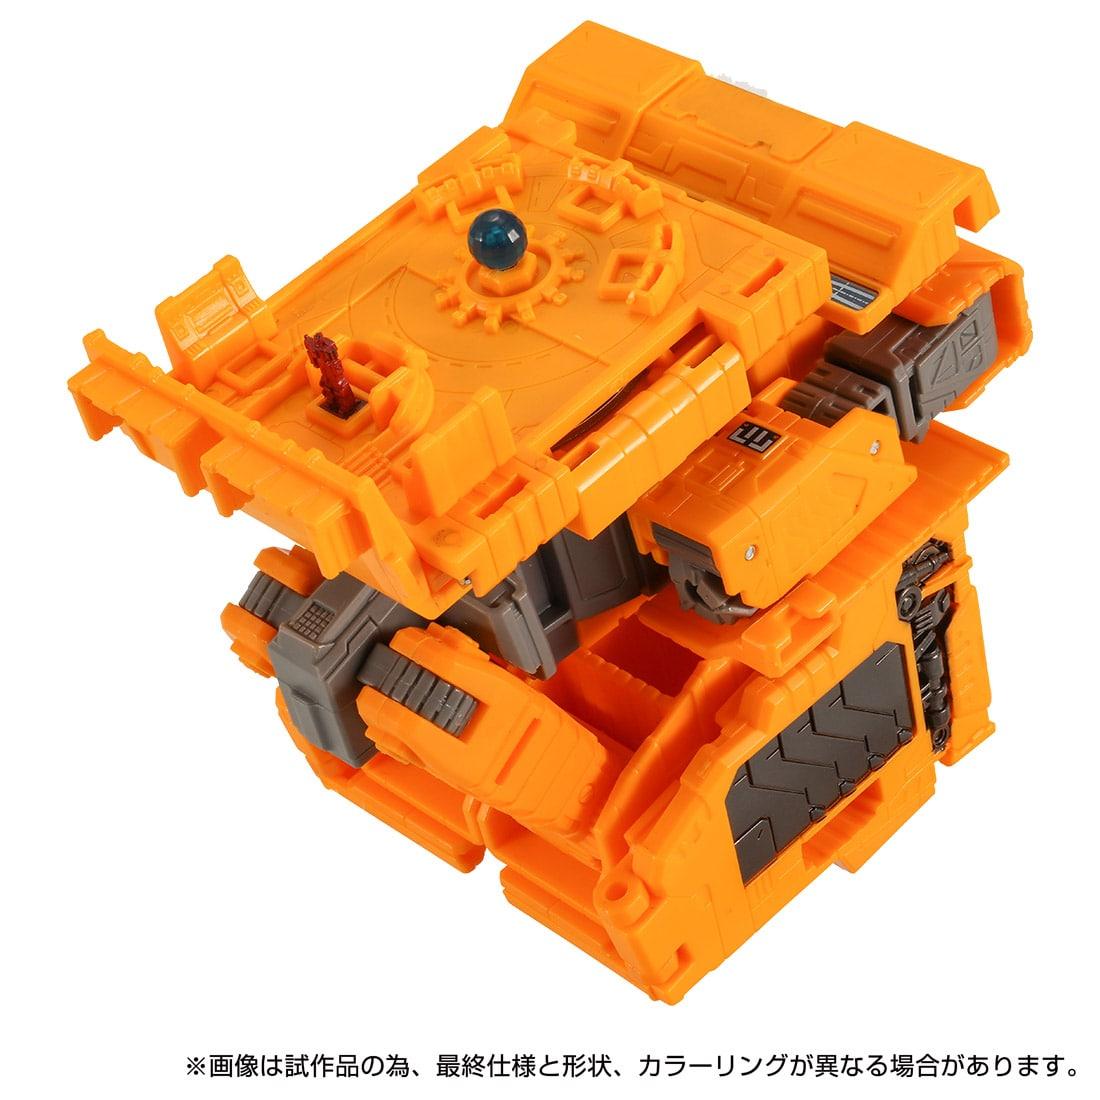 【限定販売】トランスフォーマー キングダム『KD EX-09 オートボットアーク』可変可動フィギュア-004